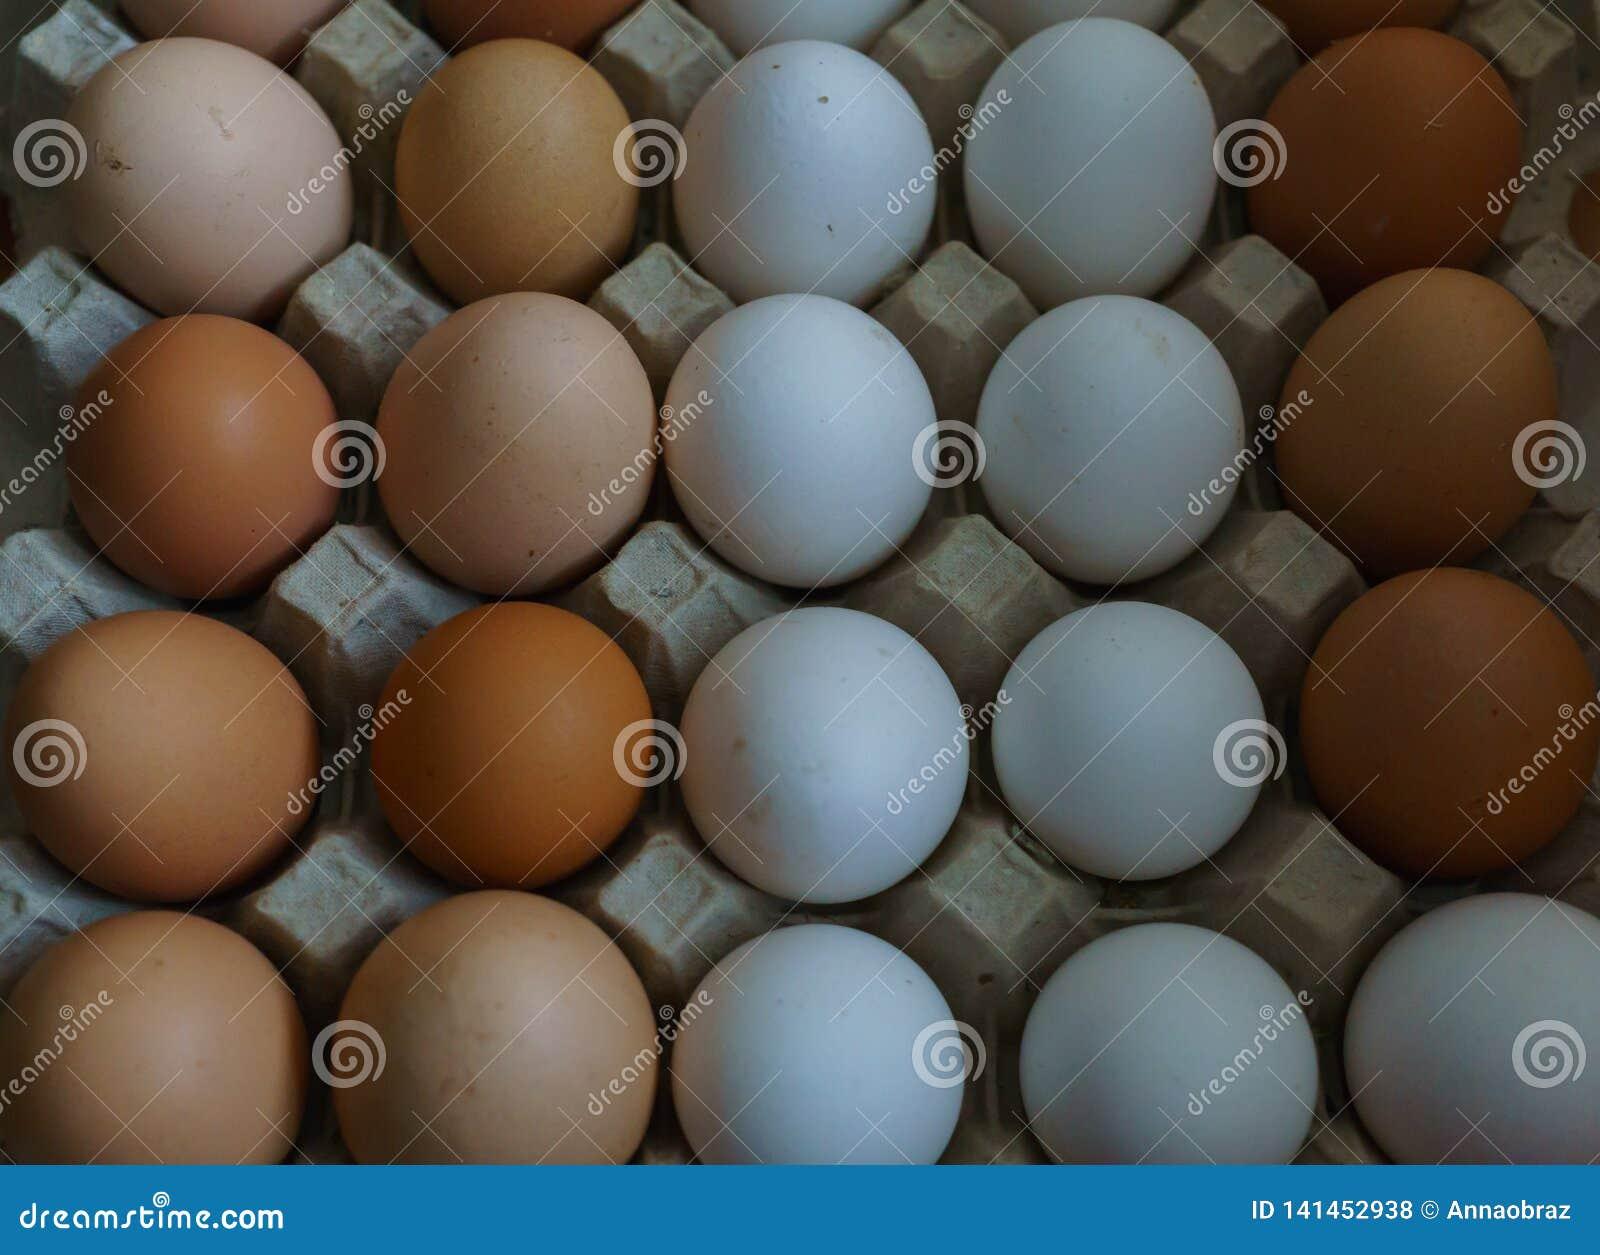 Fondo dalle uova domestiche bianche e marroni del pollo Alimento biologico